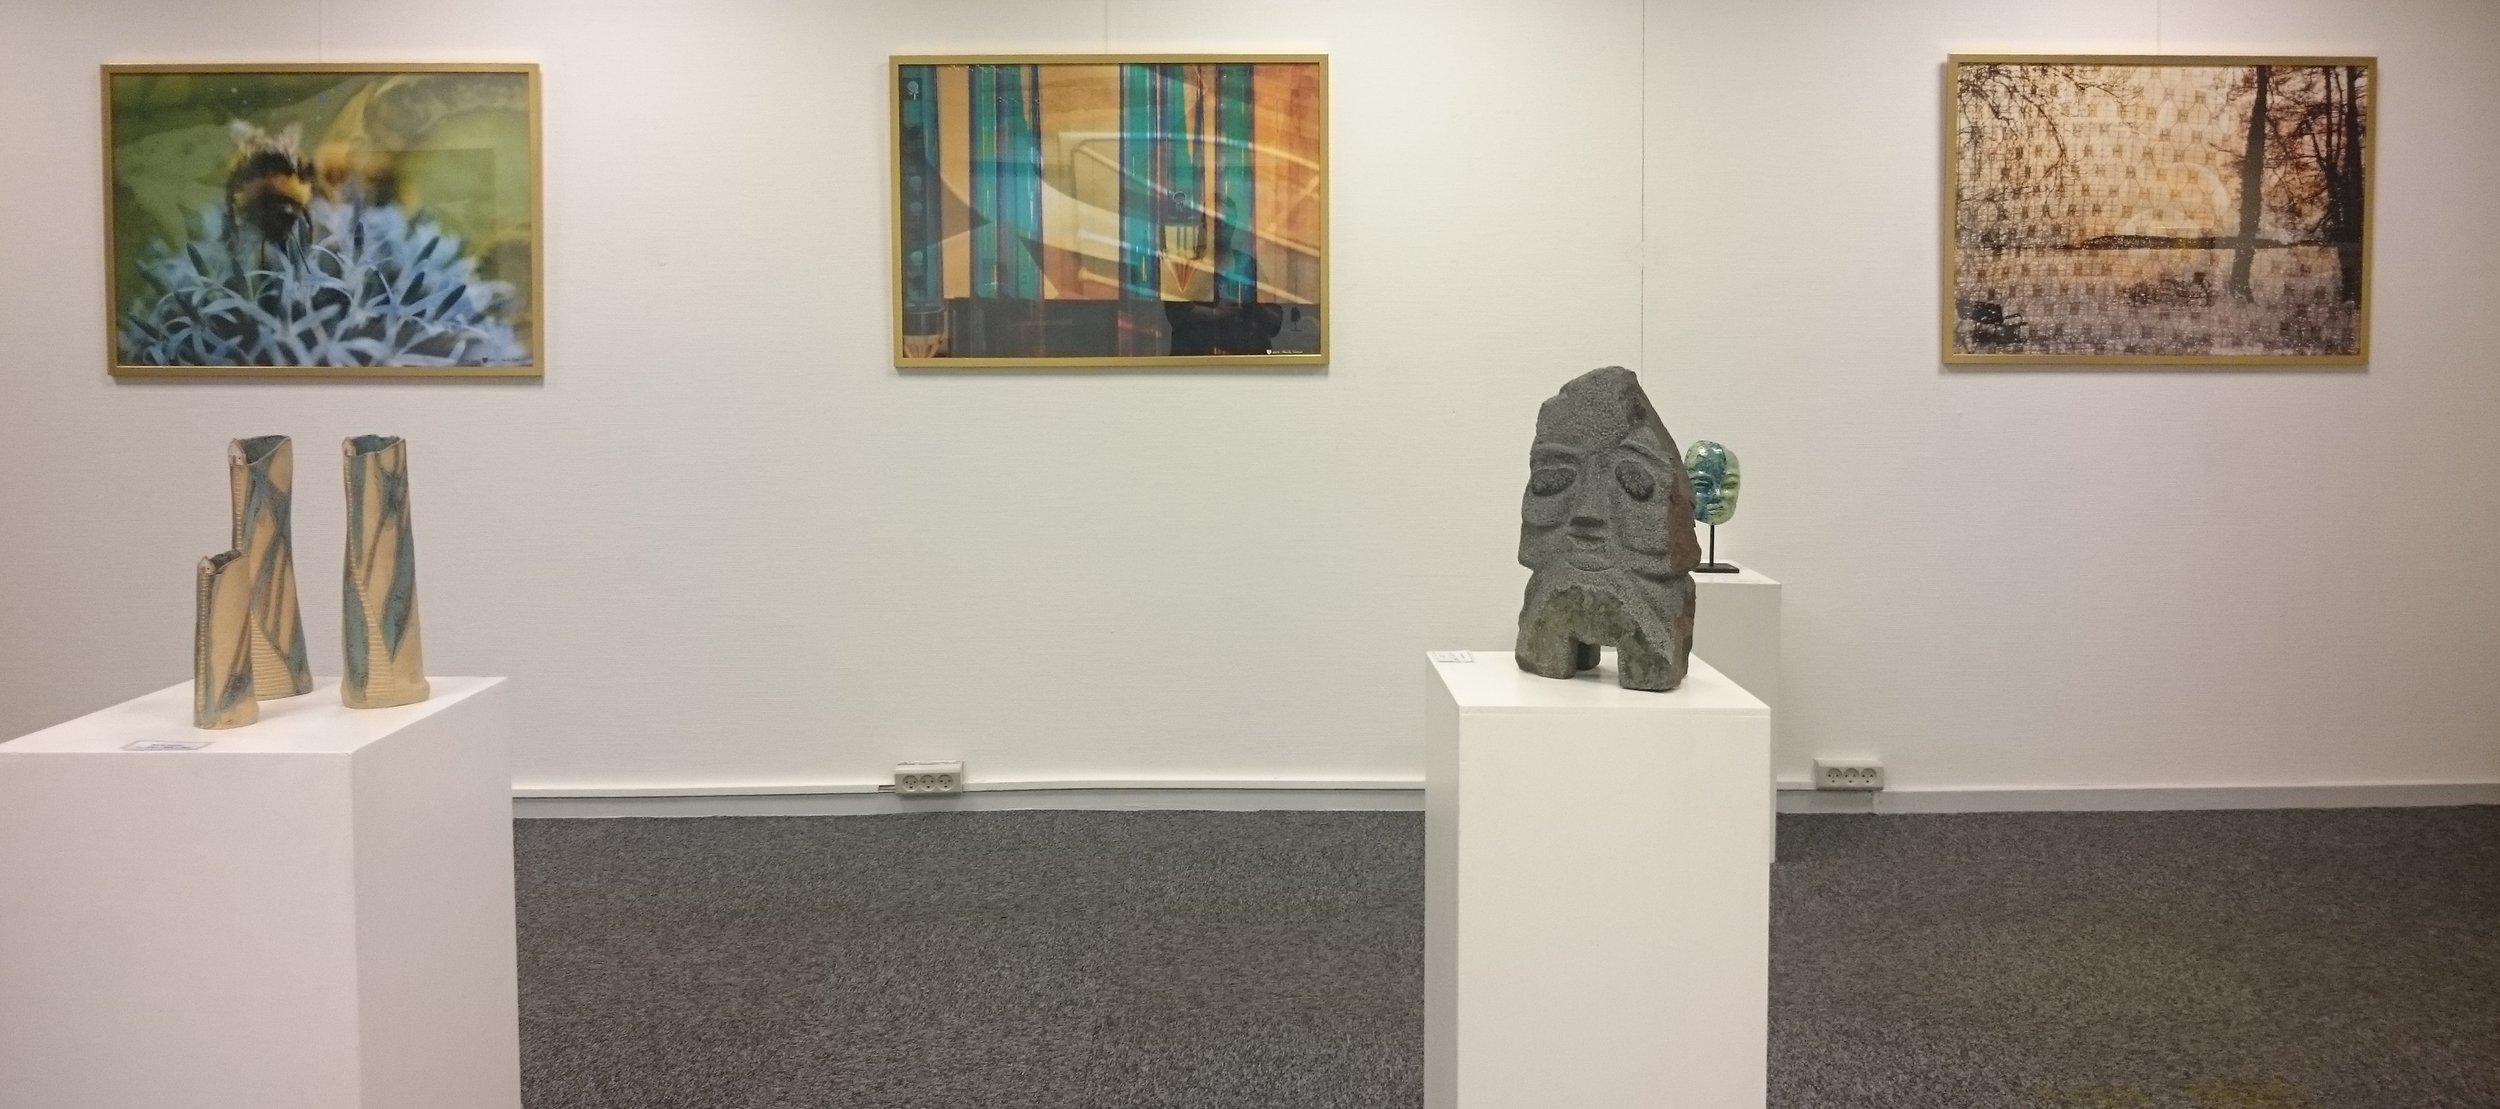 Eksempel på udstilling i Galleri Lolland, Maribo.